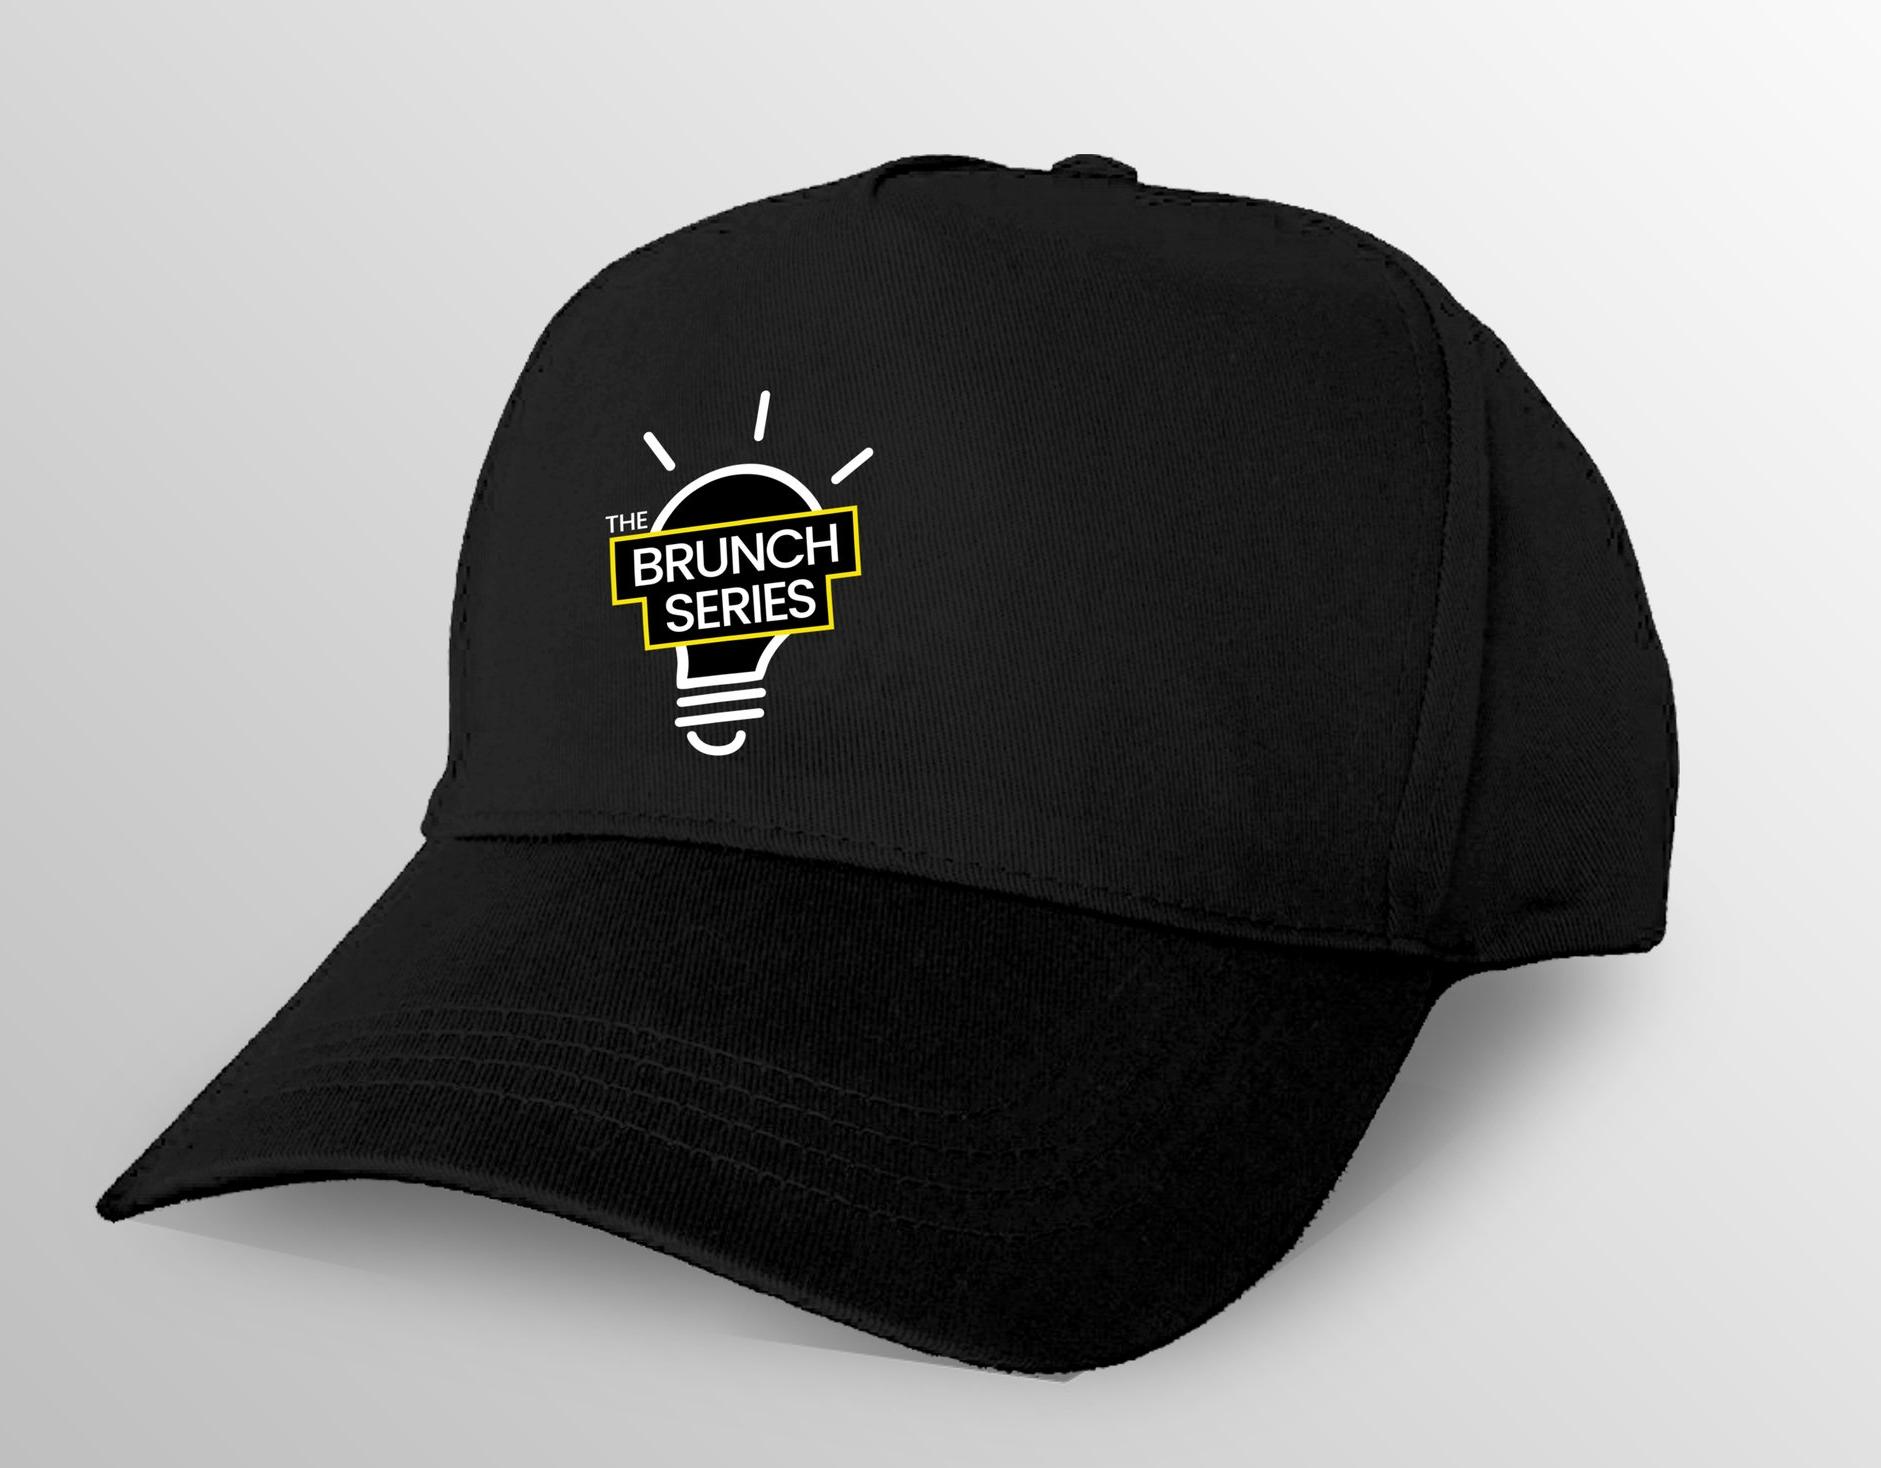 thebrunchseries_hat_2.jpg